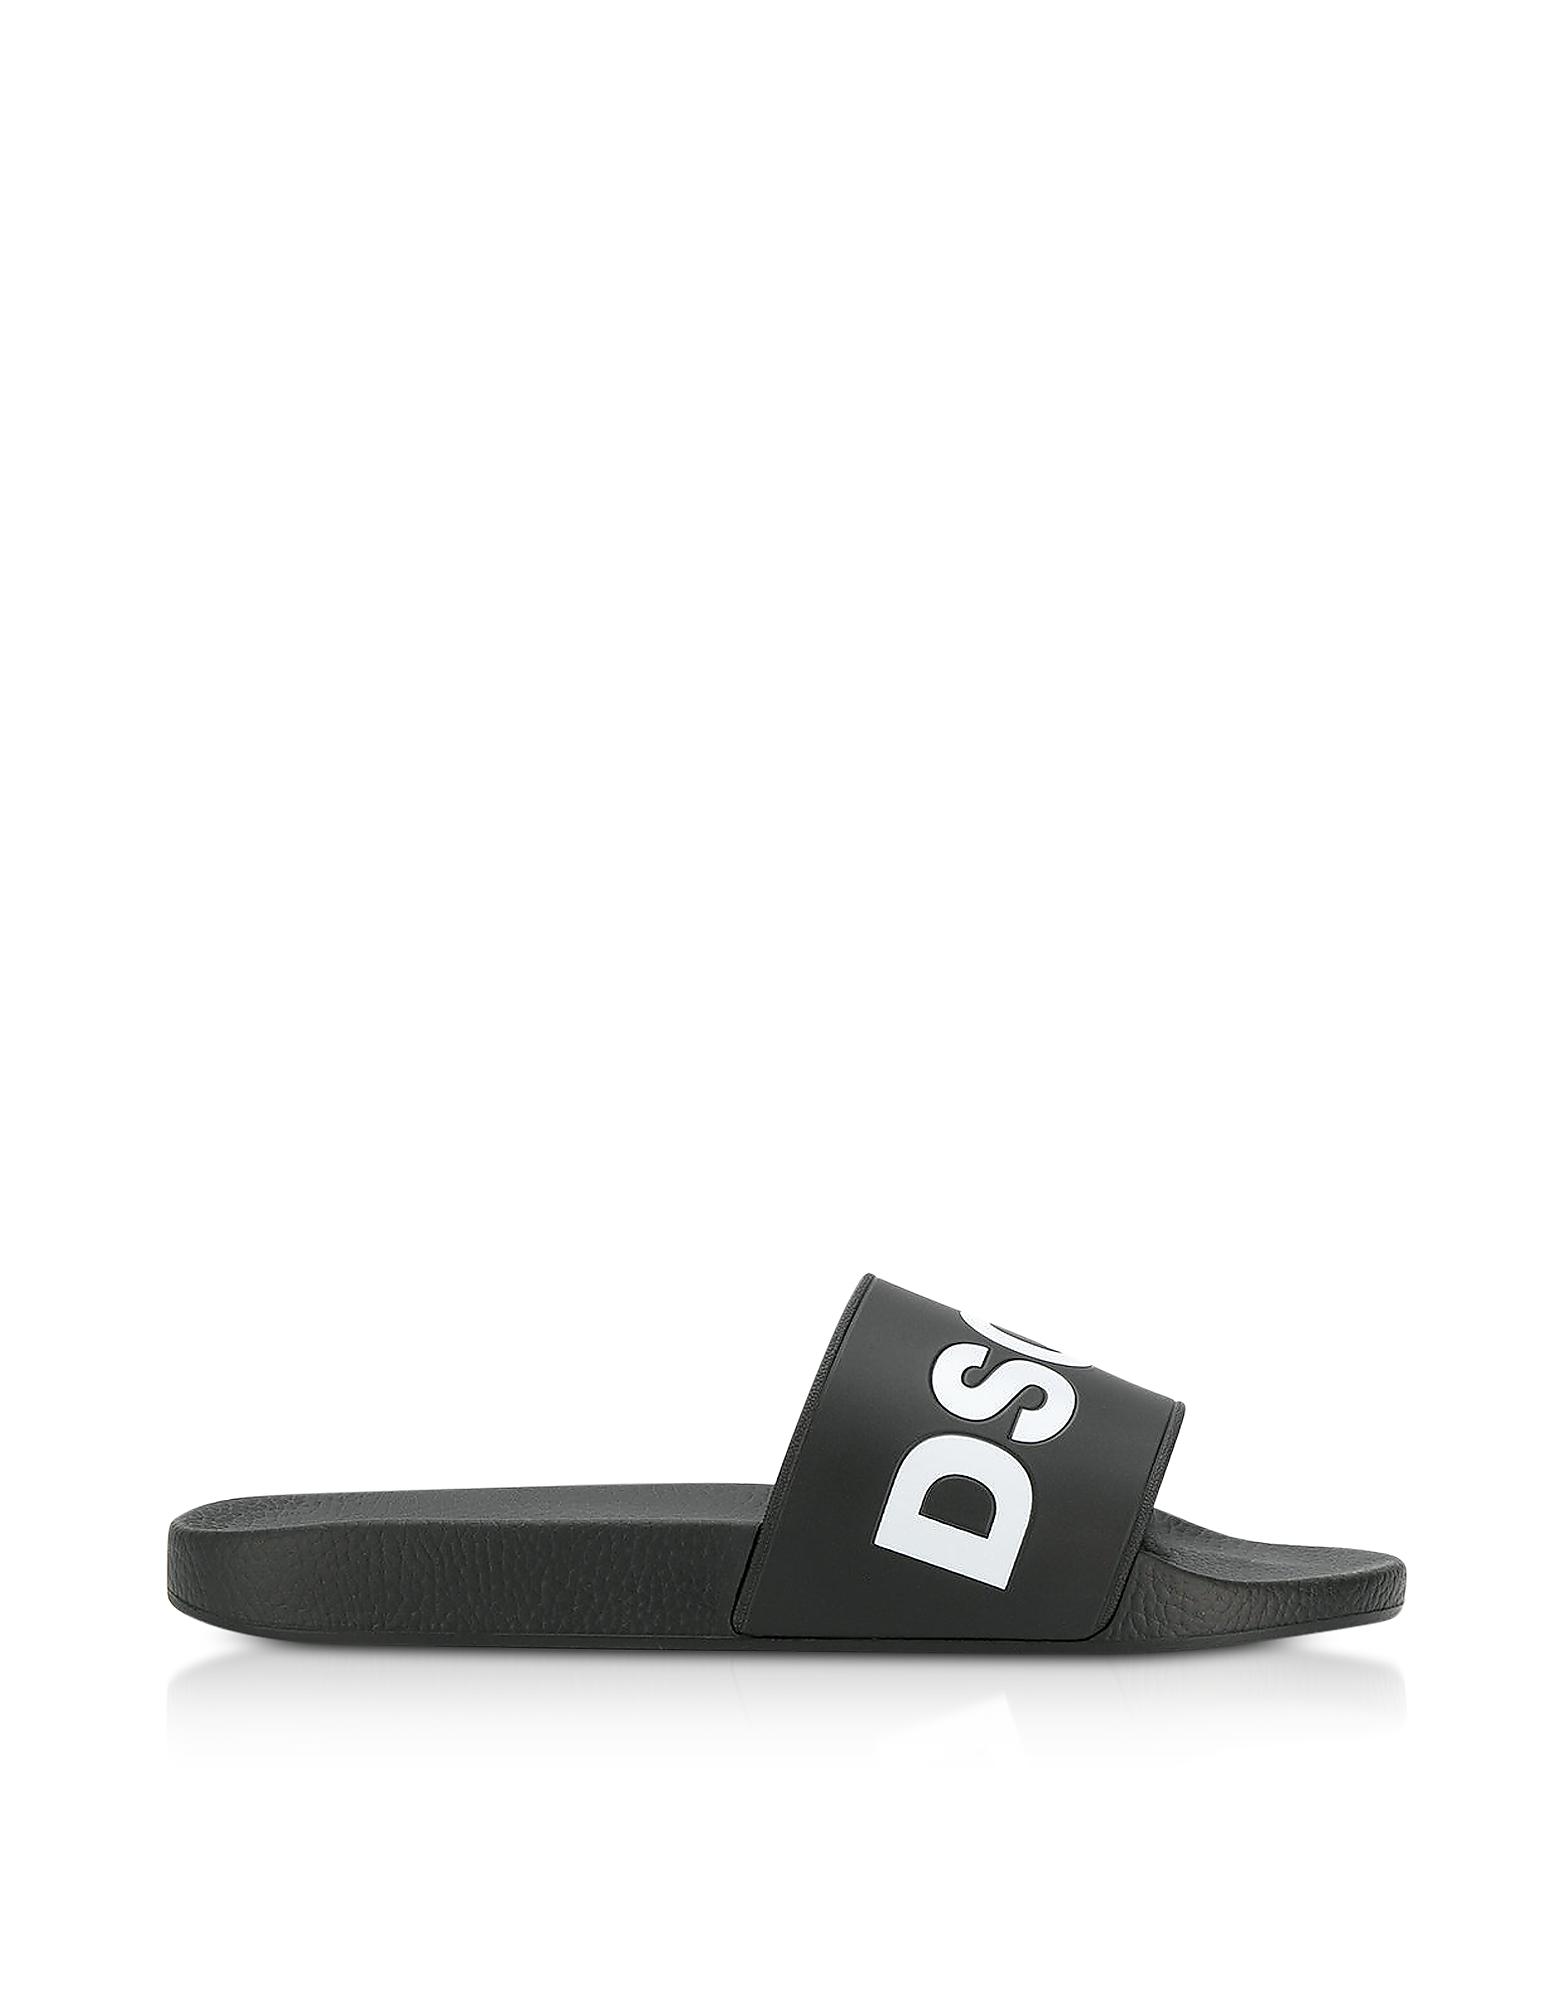 DSquared2 Shoes, Signature Black Rubber Slide Sandals